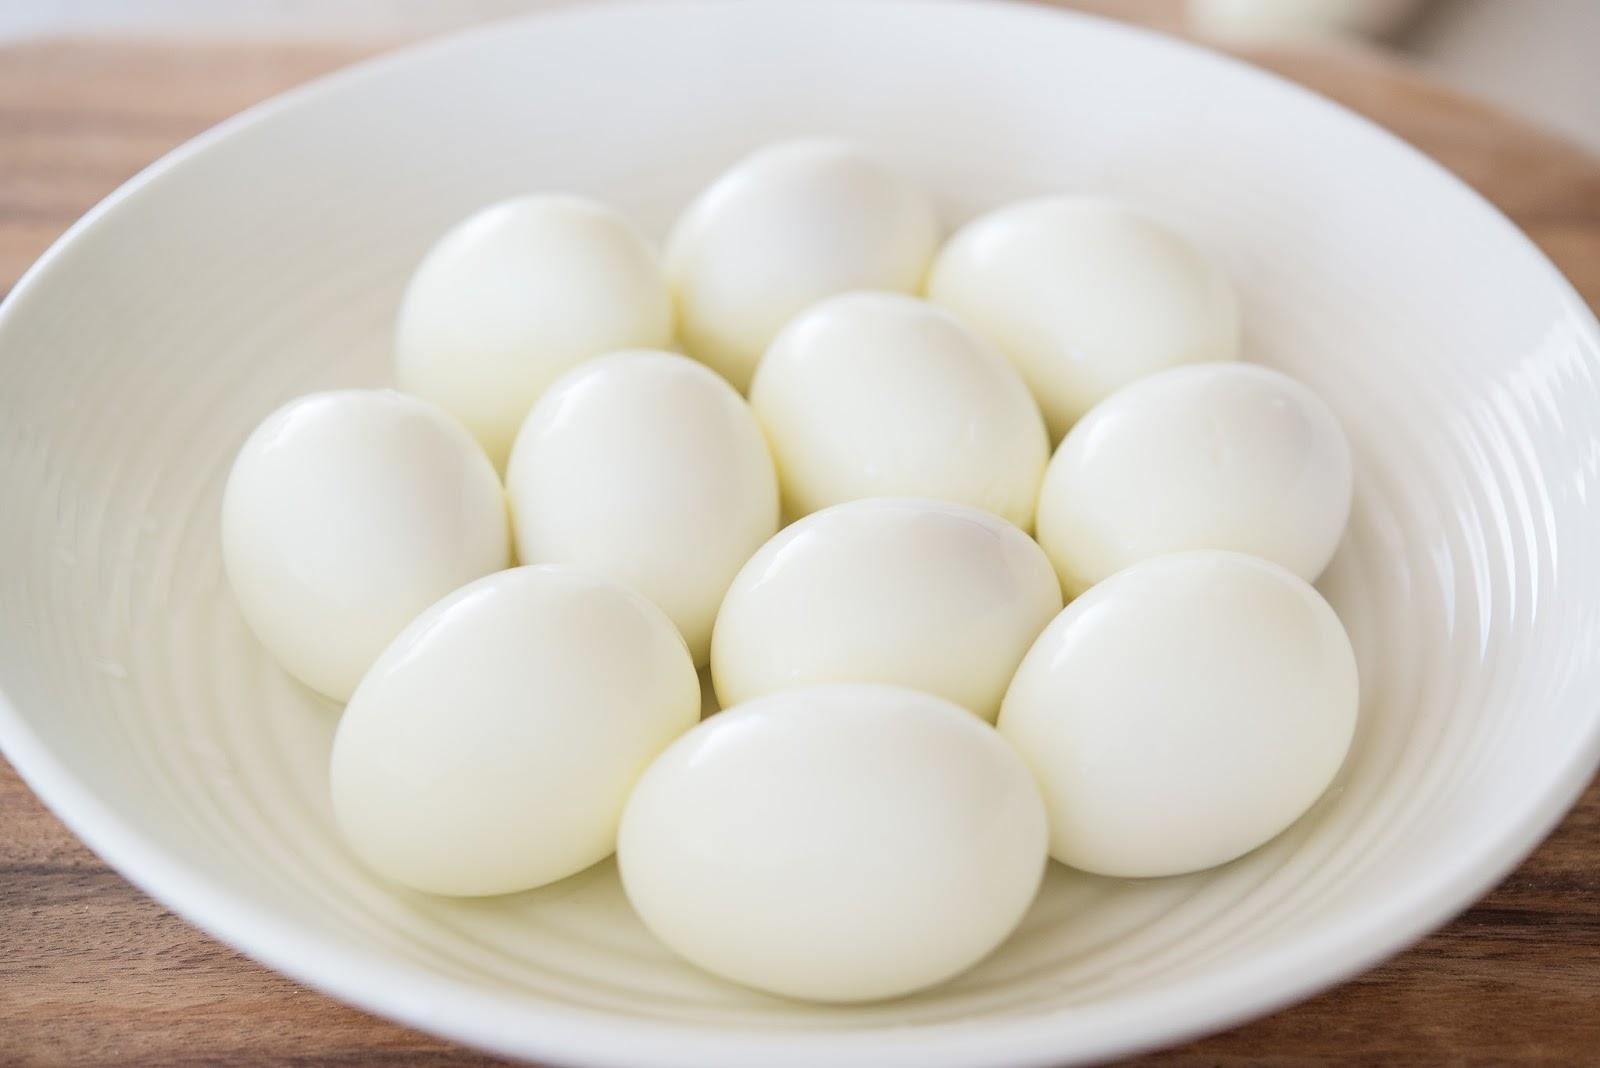 Manfaat Putih Telur untuk Pembentukan Otot